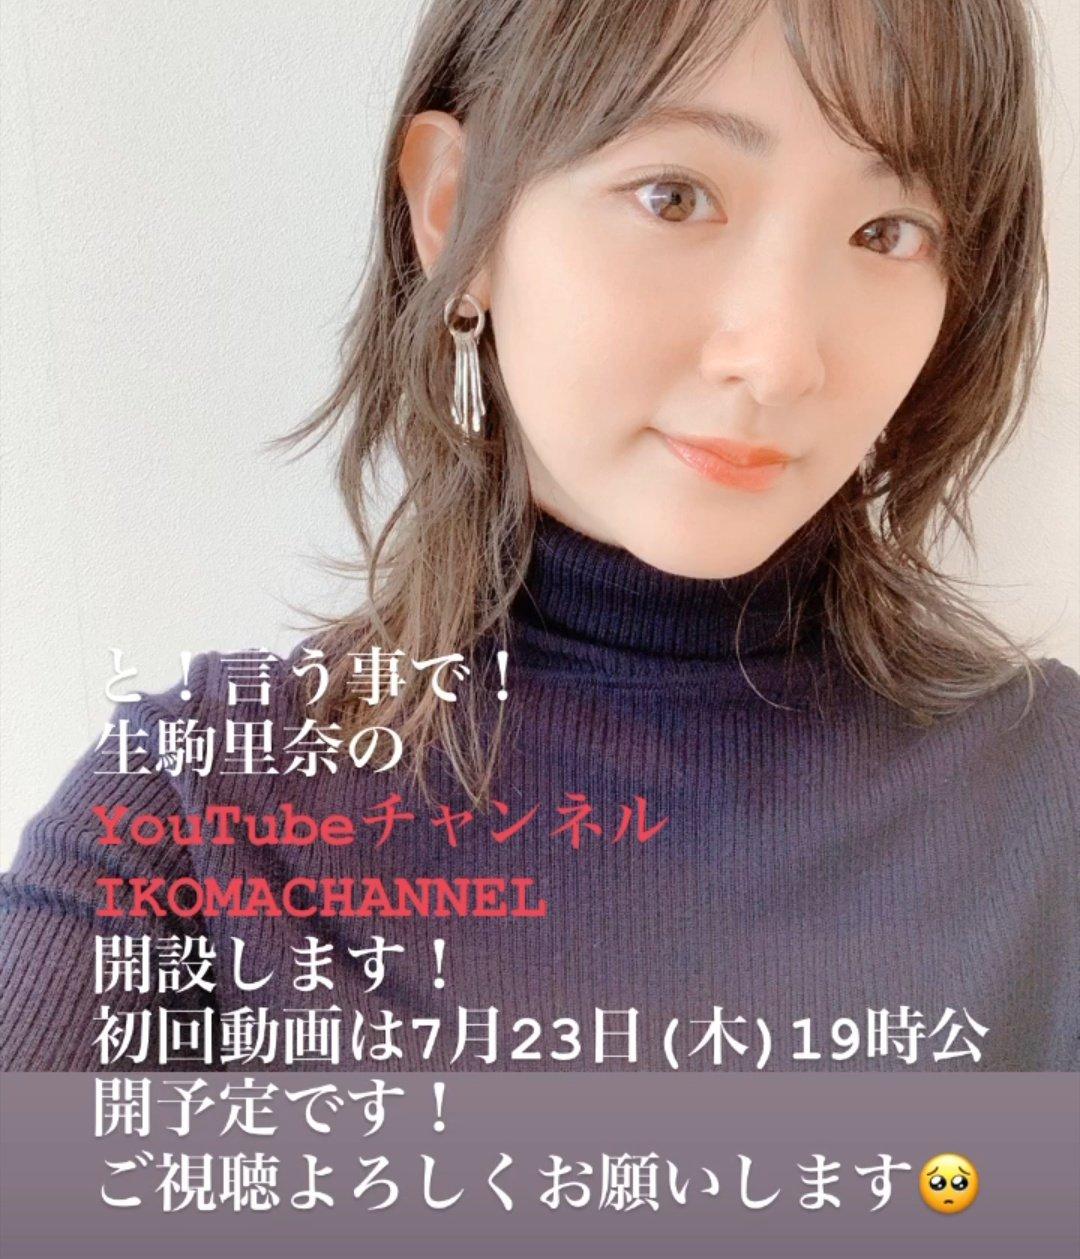 生駒里奈、公式YouTubeチャンネル開設「IKOMACHANNEL」